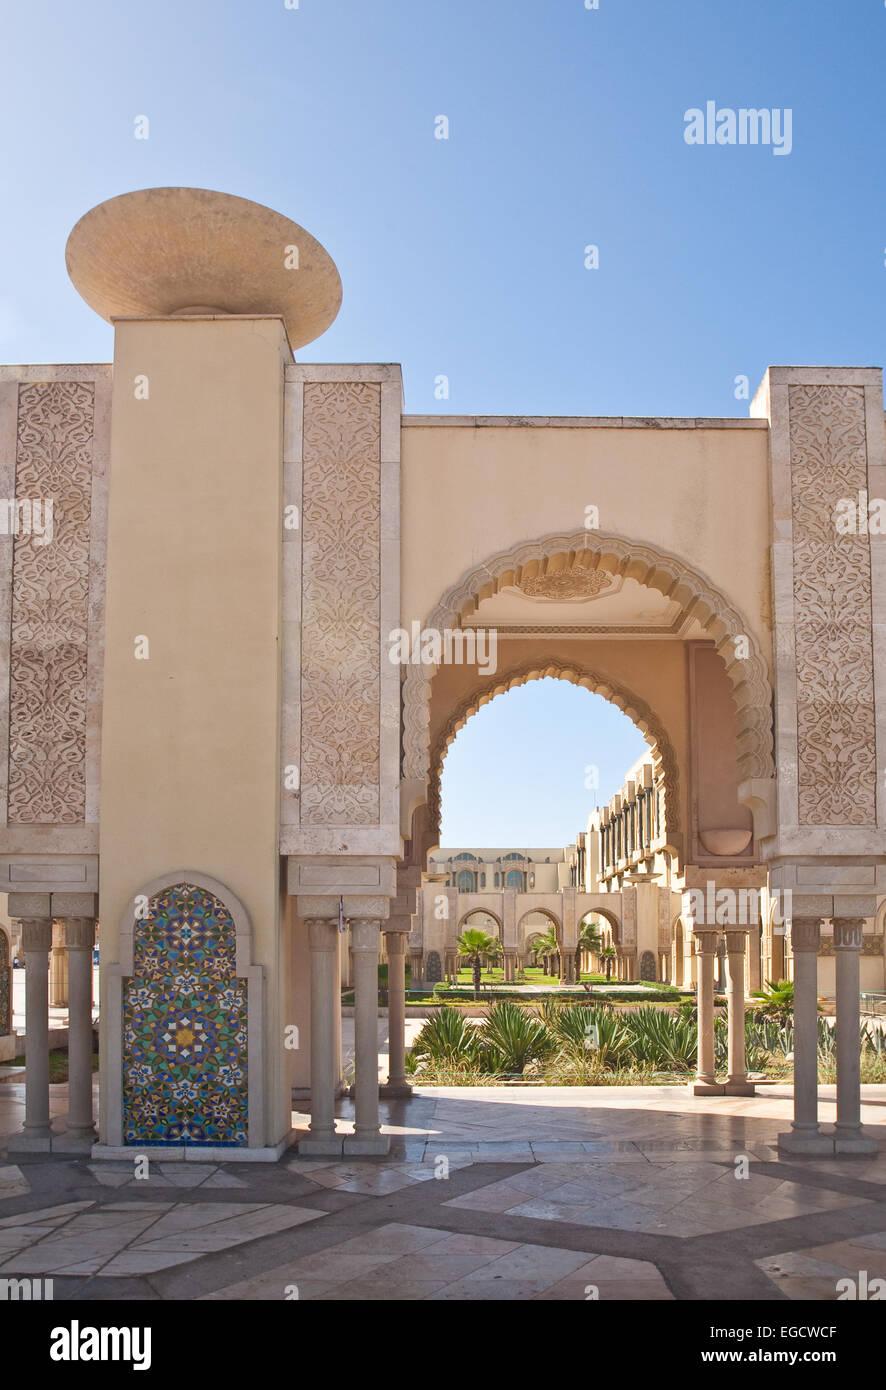 Blick auf die Moschee Hassan II in Casablanca, Marokko Stockfoto